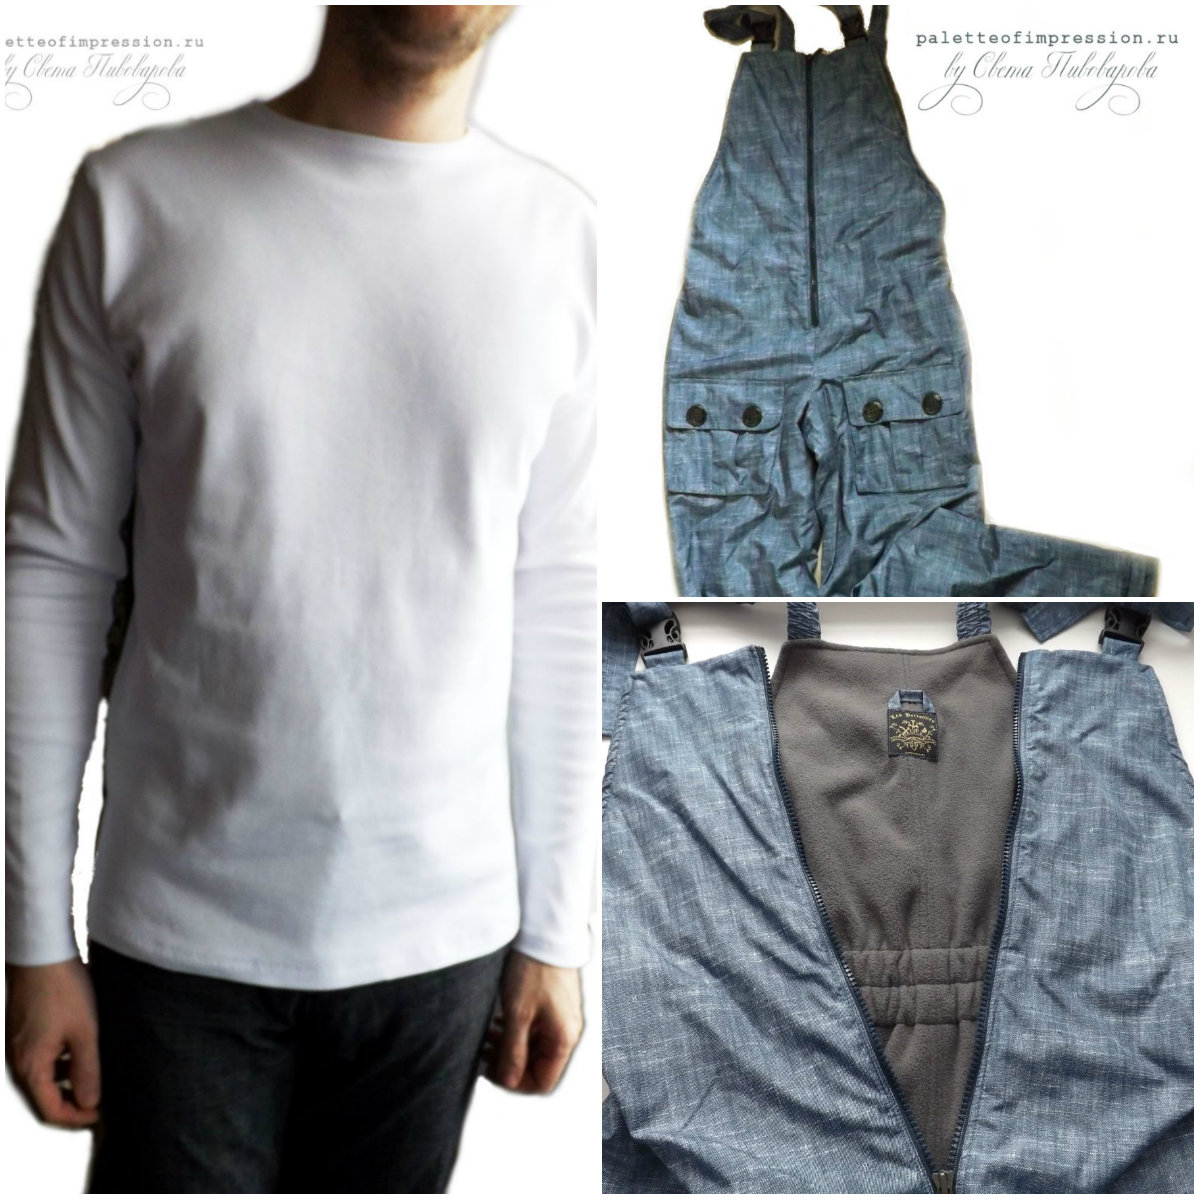 Мужская одежда, блог Вся палитра впечатлений